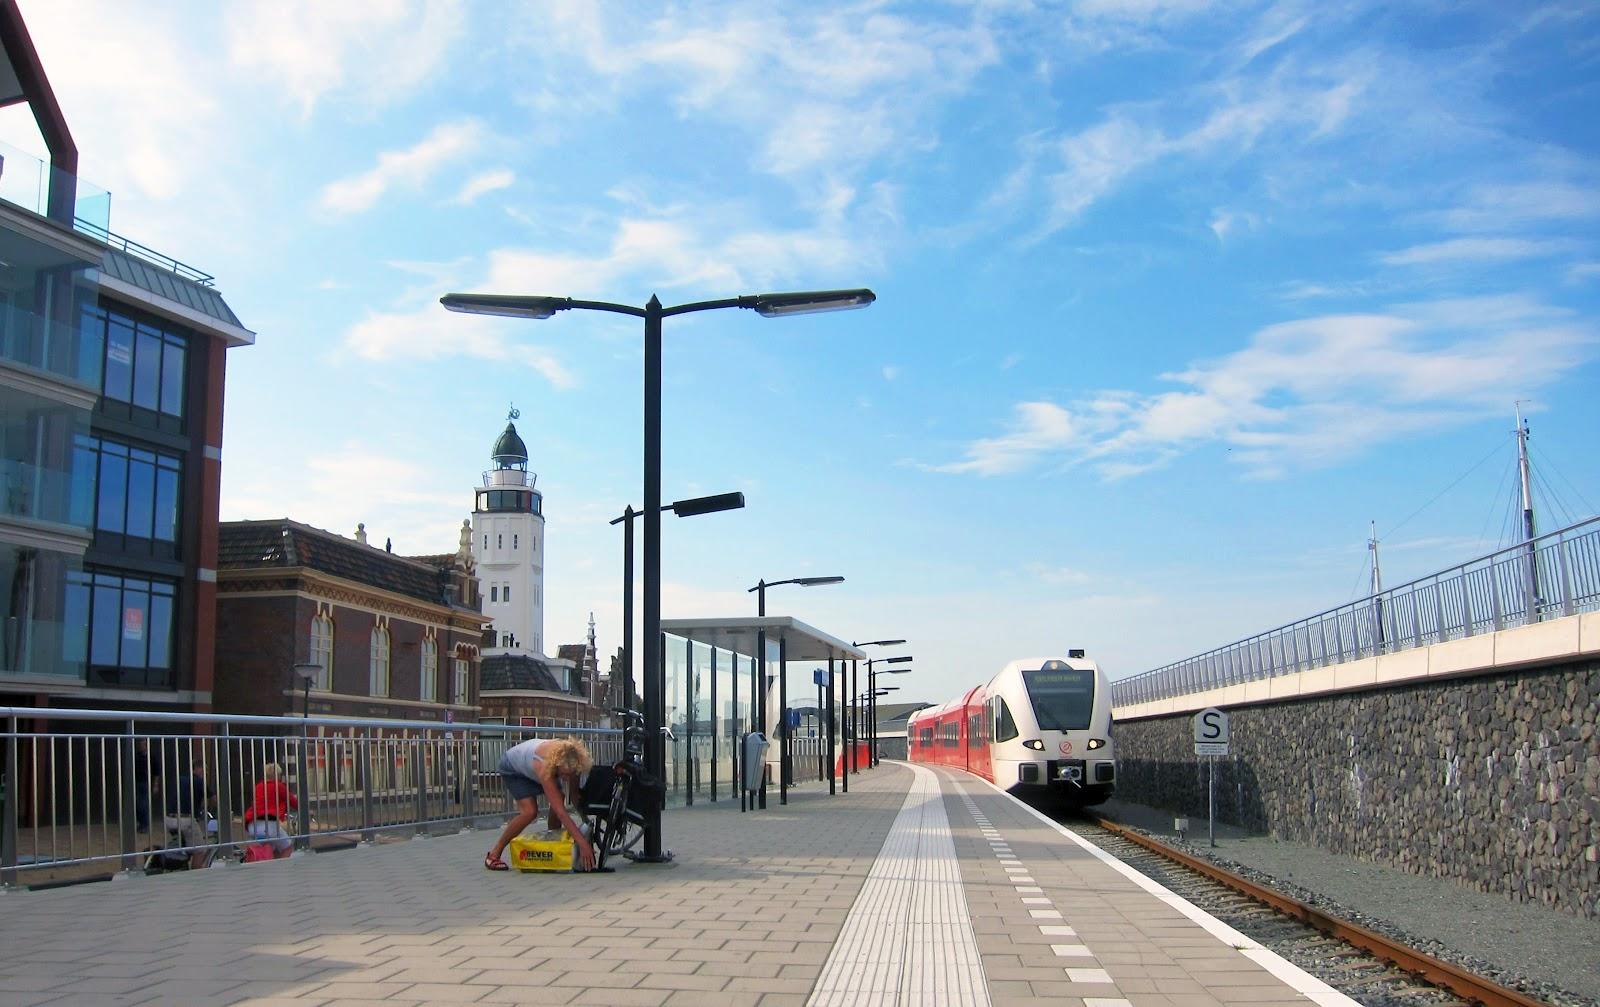 transpress nz arriva diesel multiple unit in harlingen netherlands. Black Bedroom Furniture Sets. Home Design Ideas